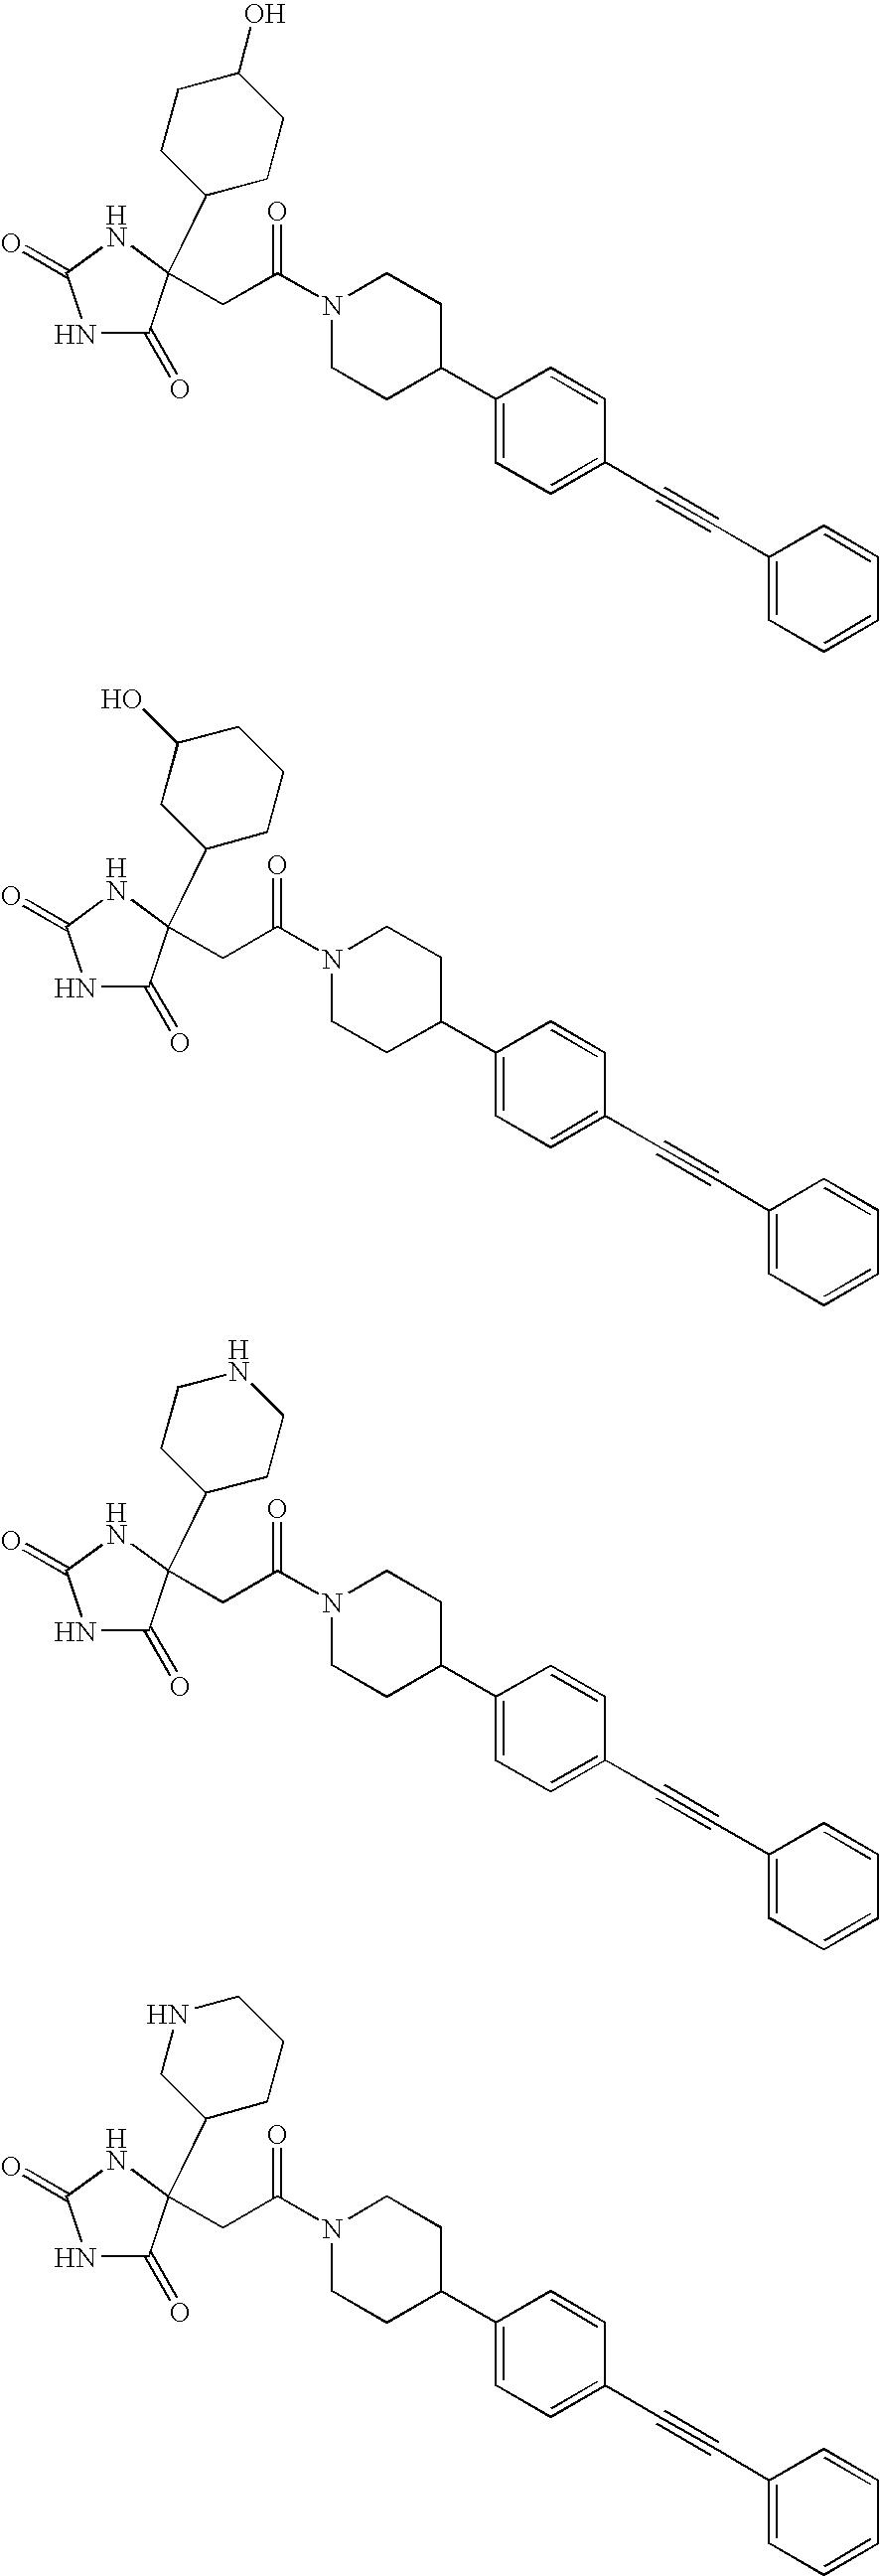 Figure US07998961-20110816-C00130